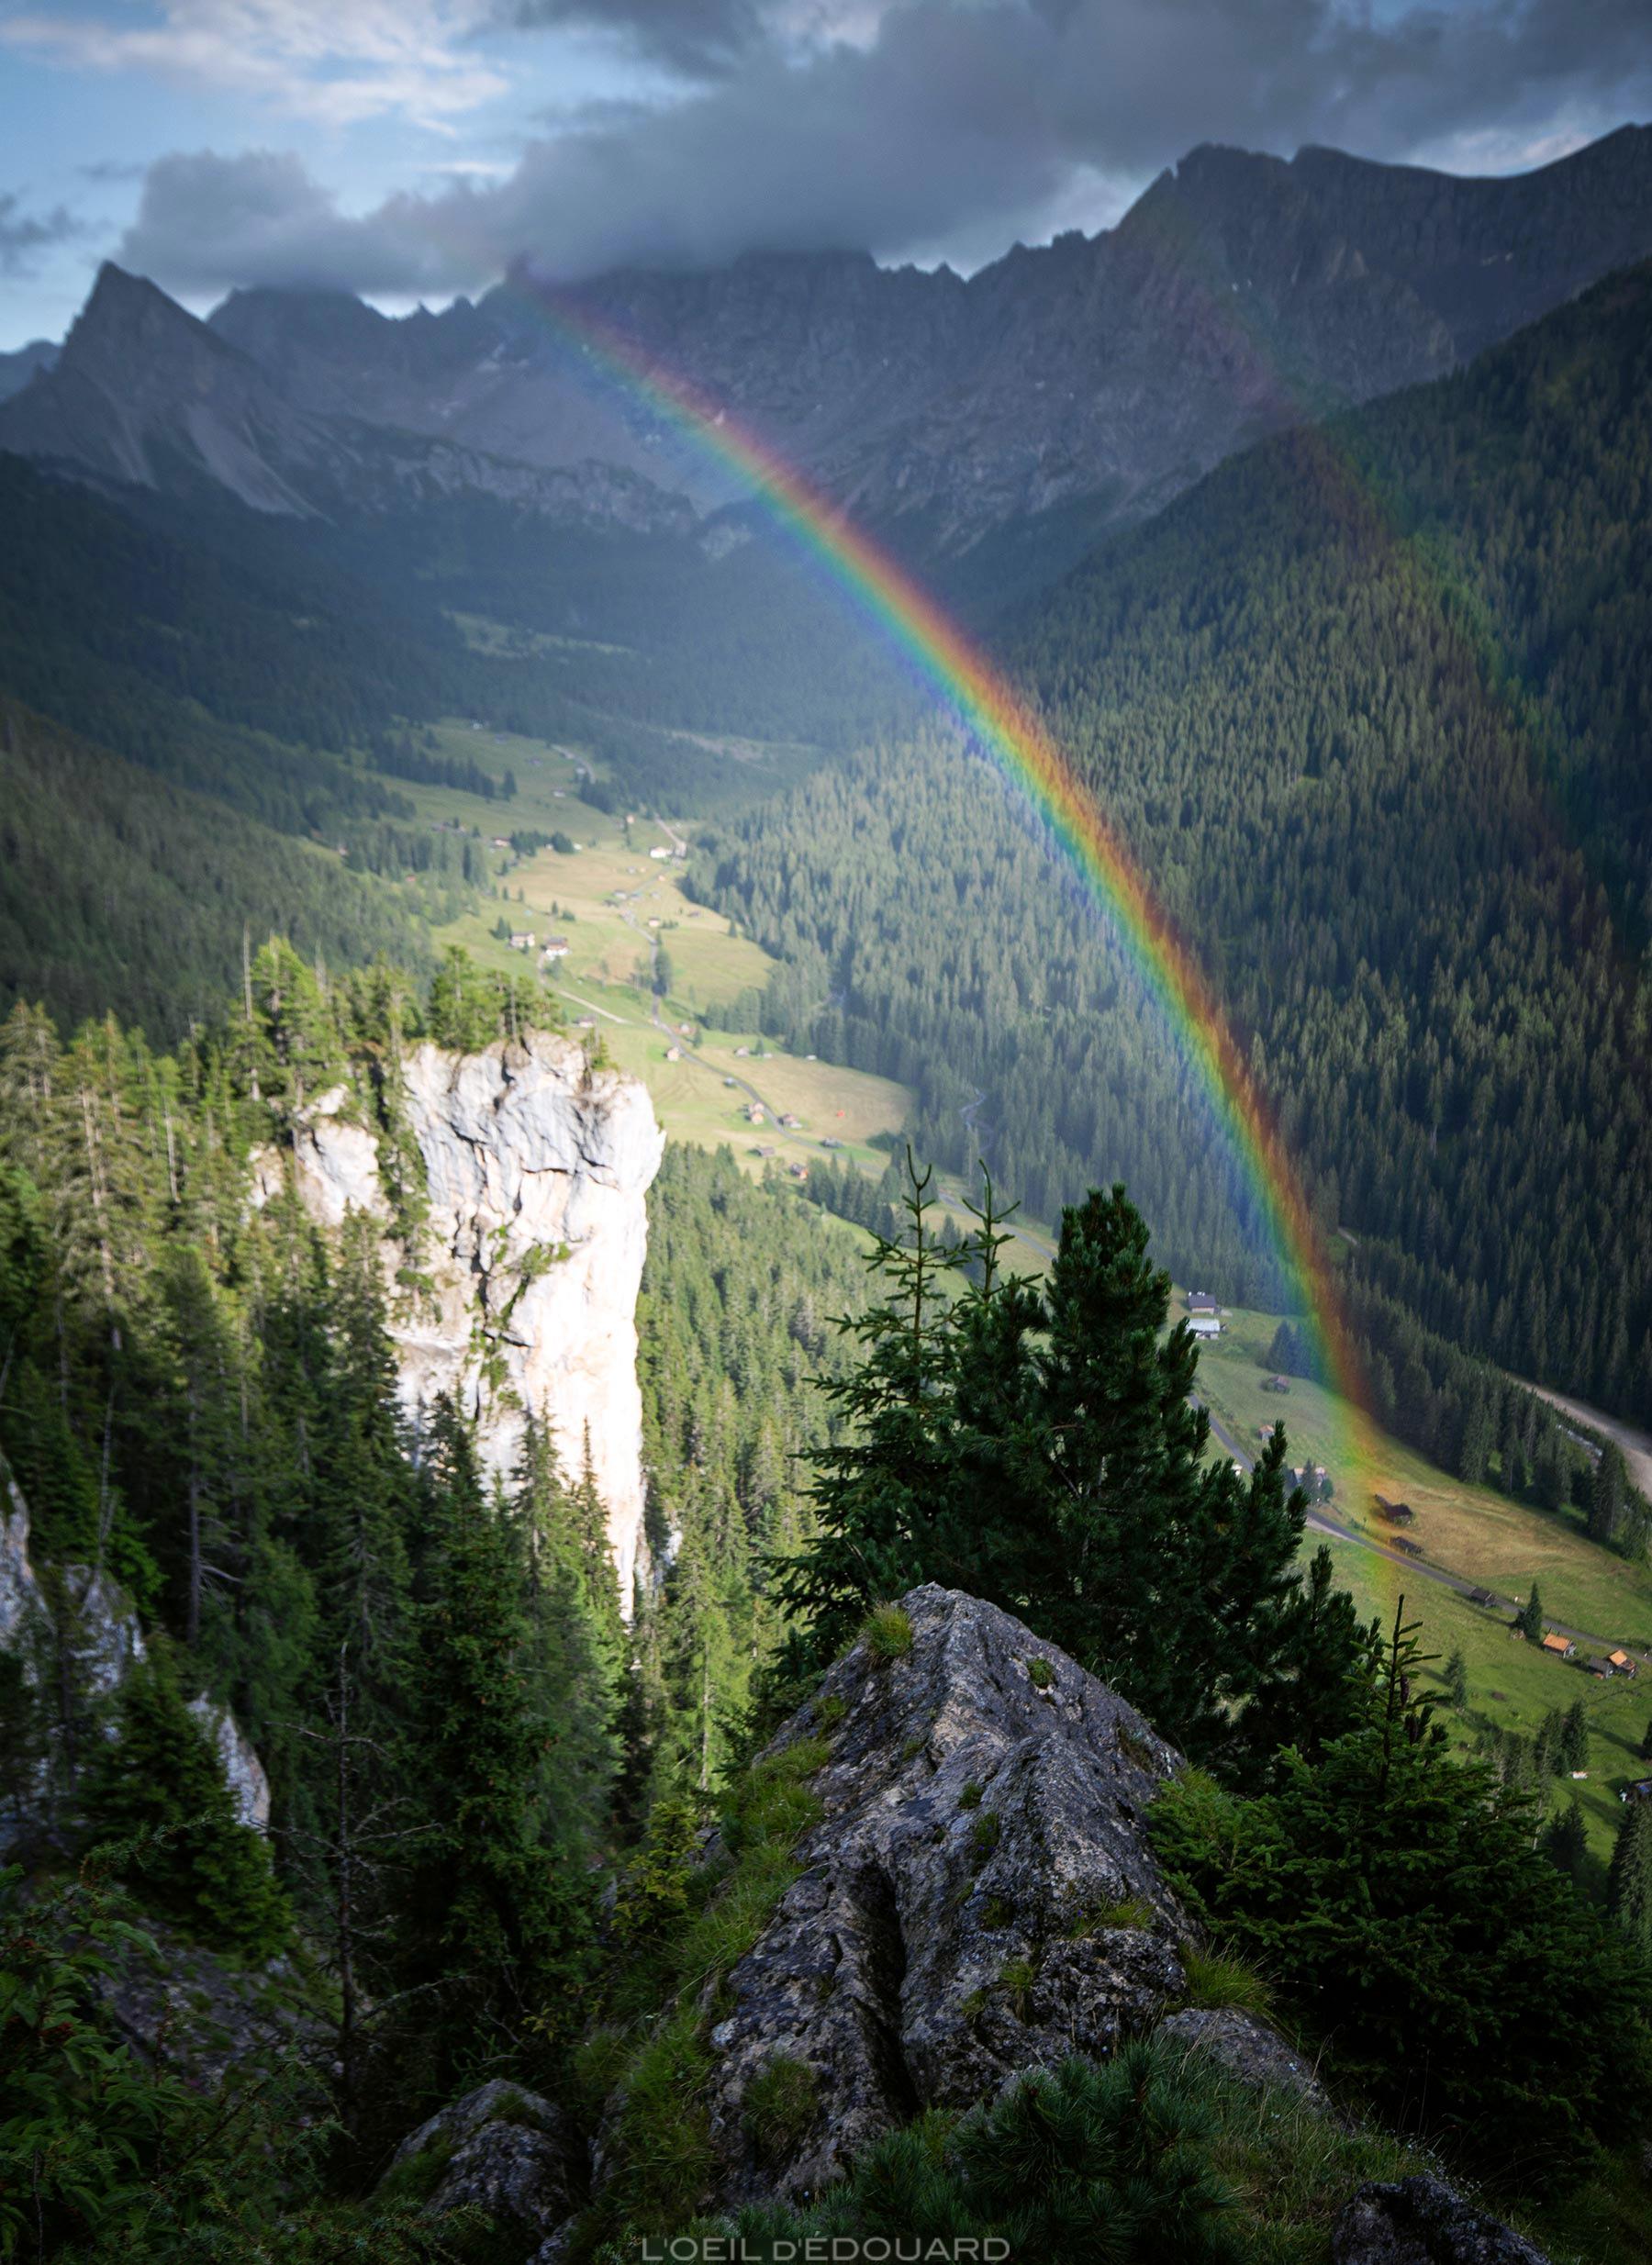 Arc-en-Ciel à Val San Nicolò Montagnes Dolomites Italie / Rainbow mountain Dolomiti Italia Italy © L'Oeil d'Édouard - Tous droits réservés